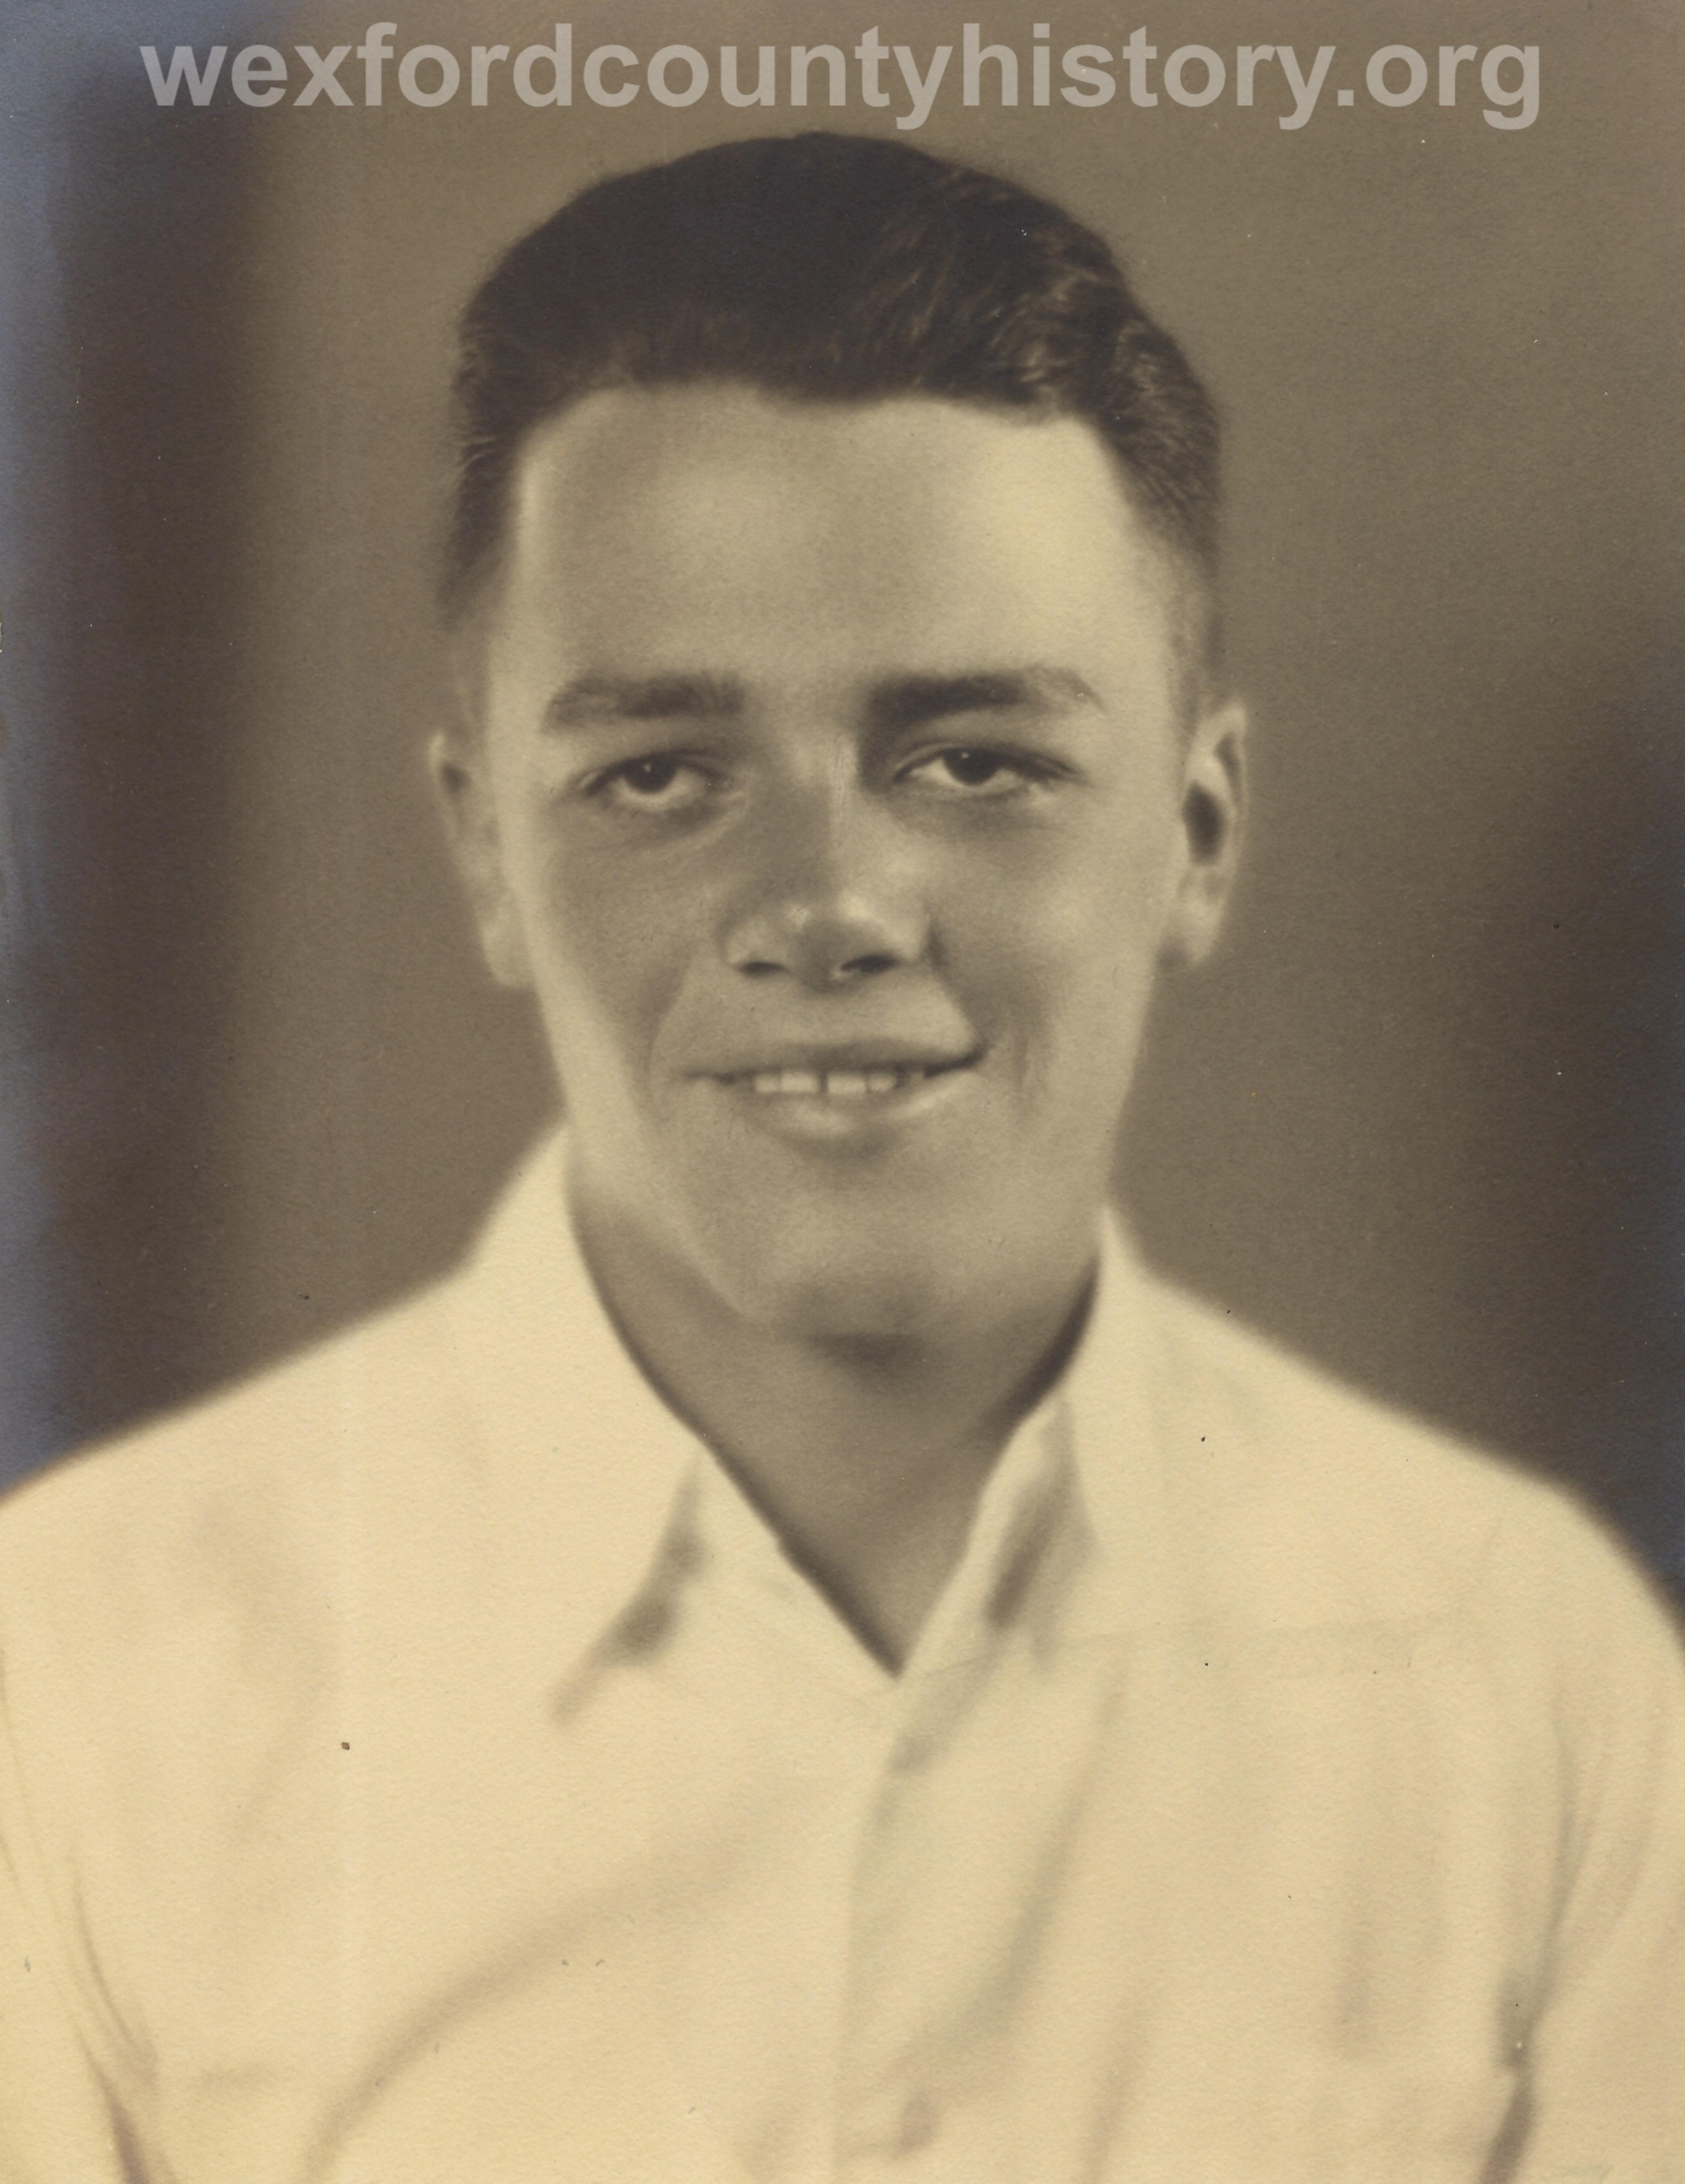 William Mitchell